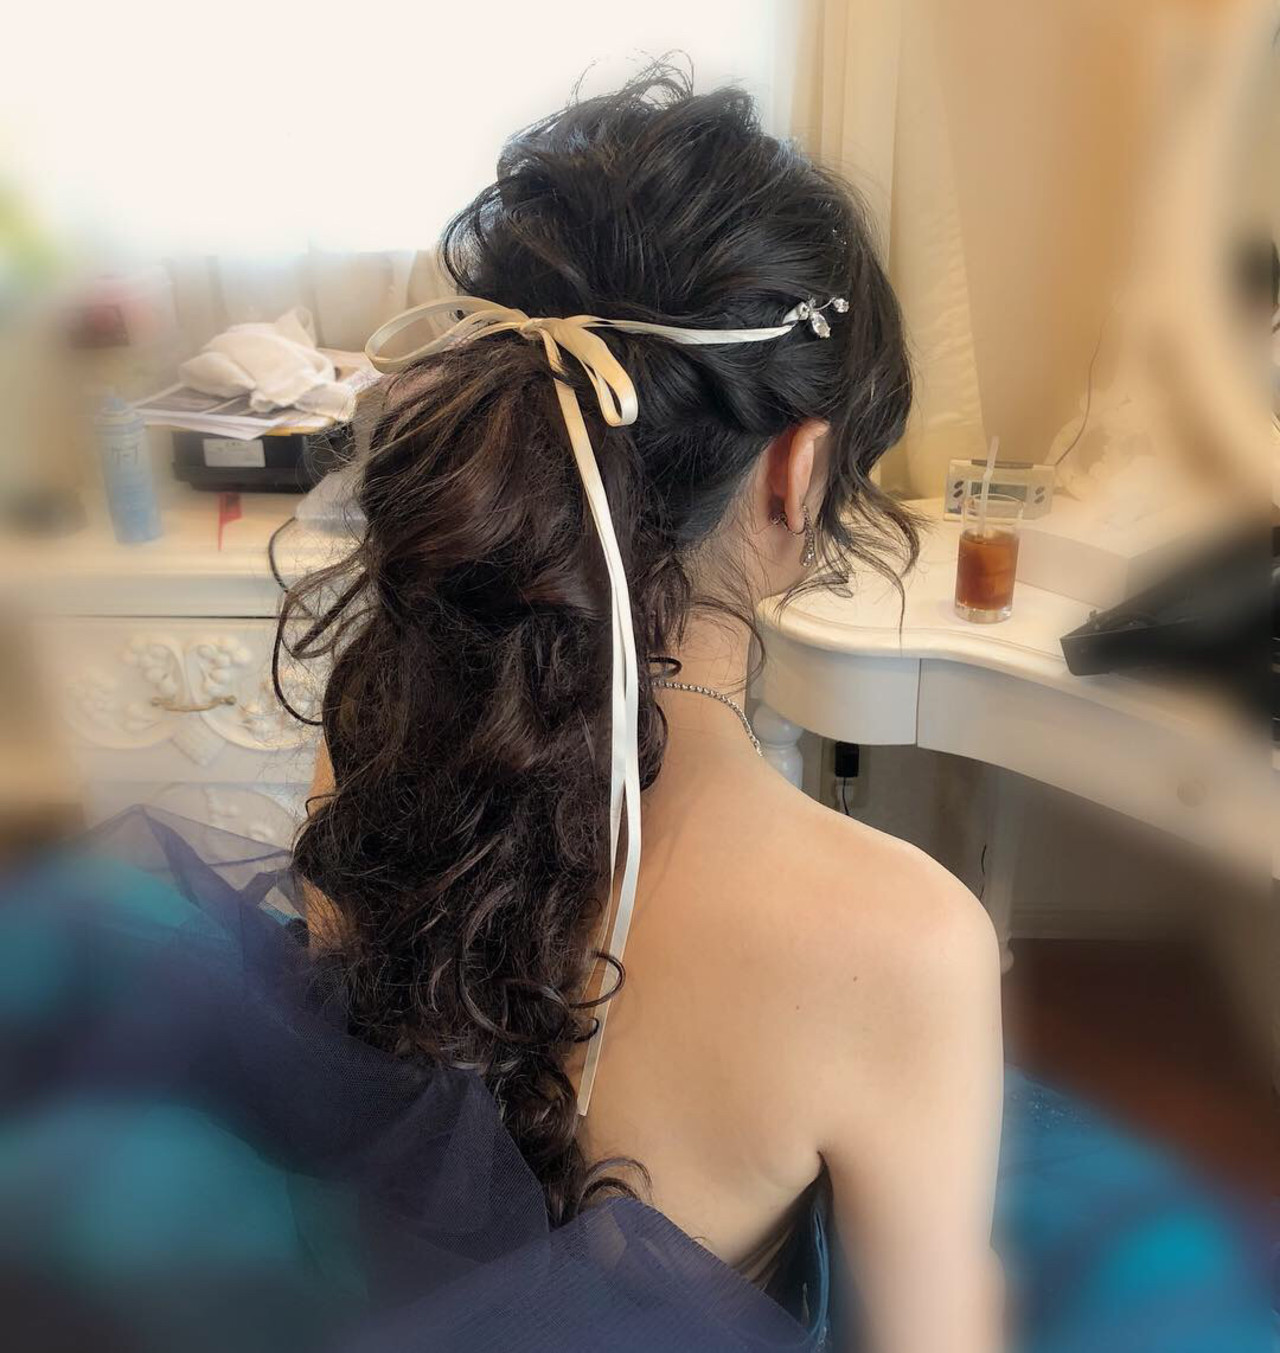 ヘアセット ポニーテールアレンジ ヘアアレンジ ポニーテール ヘアスタイルや髪型の写真・画像